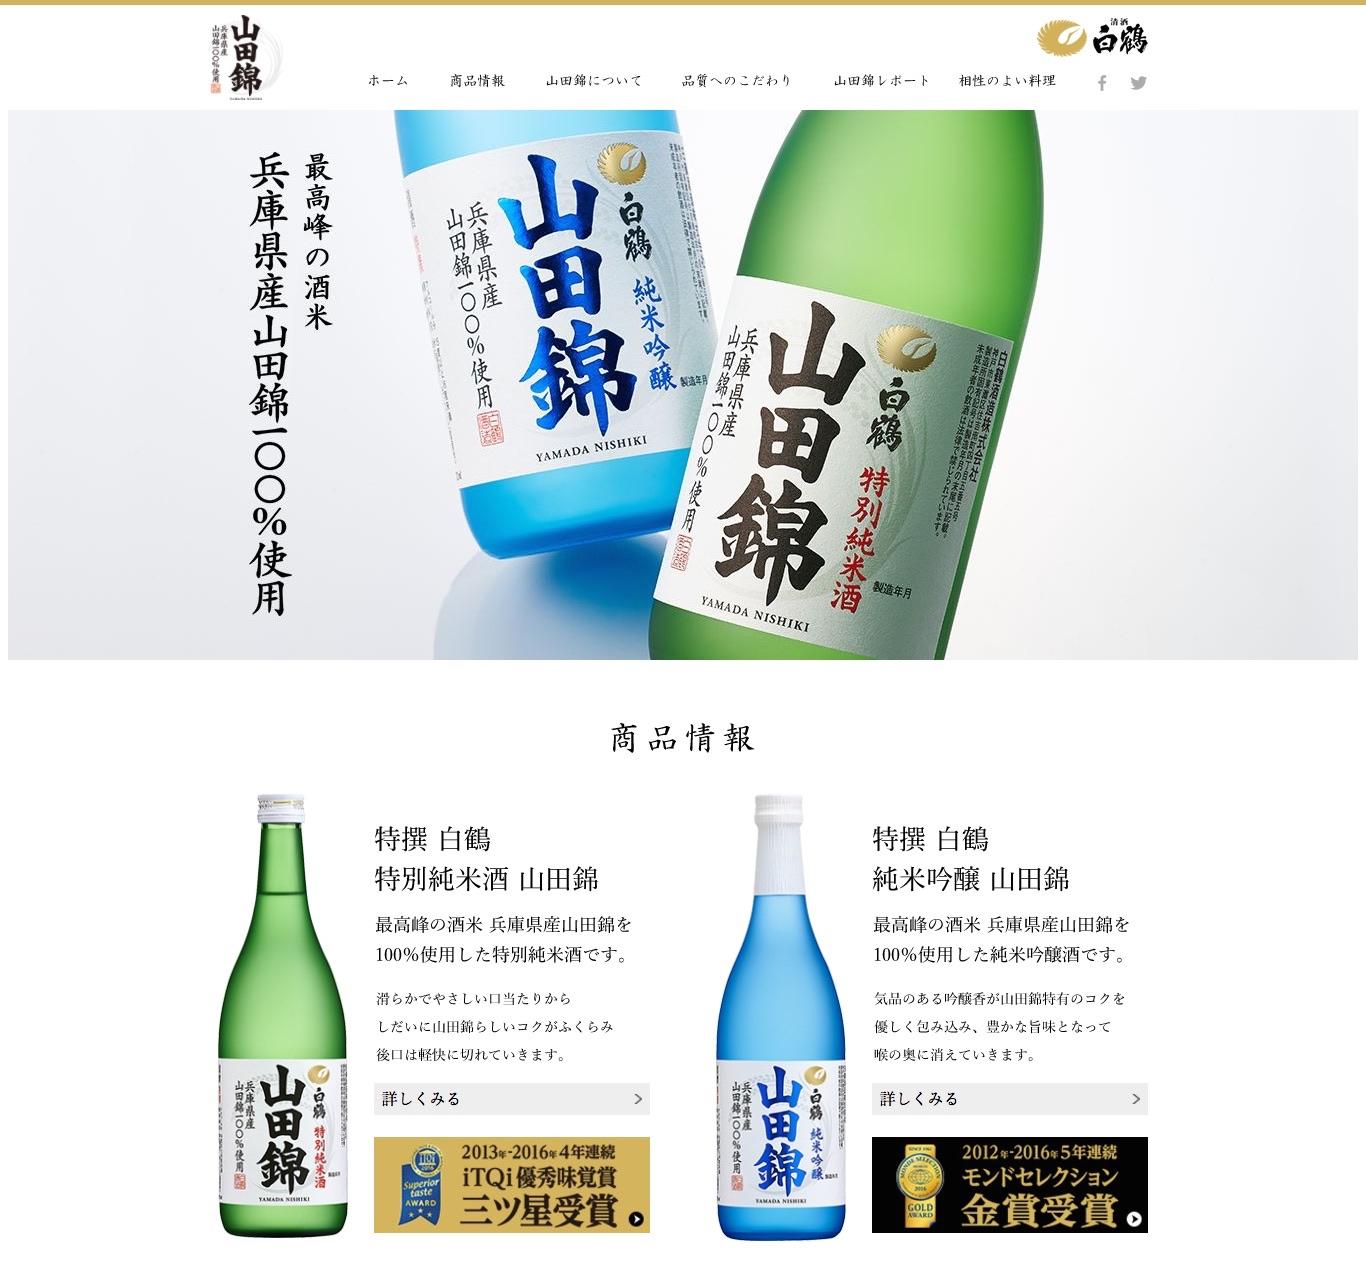 白鶴 山田錦|白鶴酒造株式会社